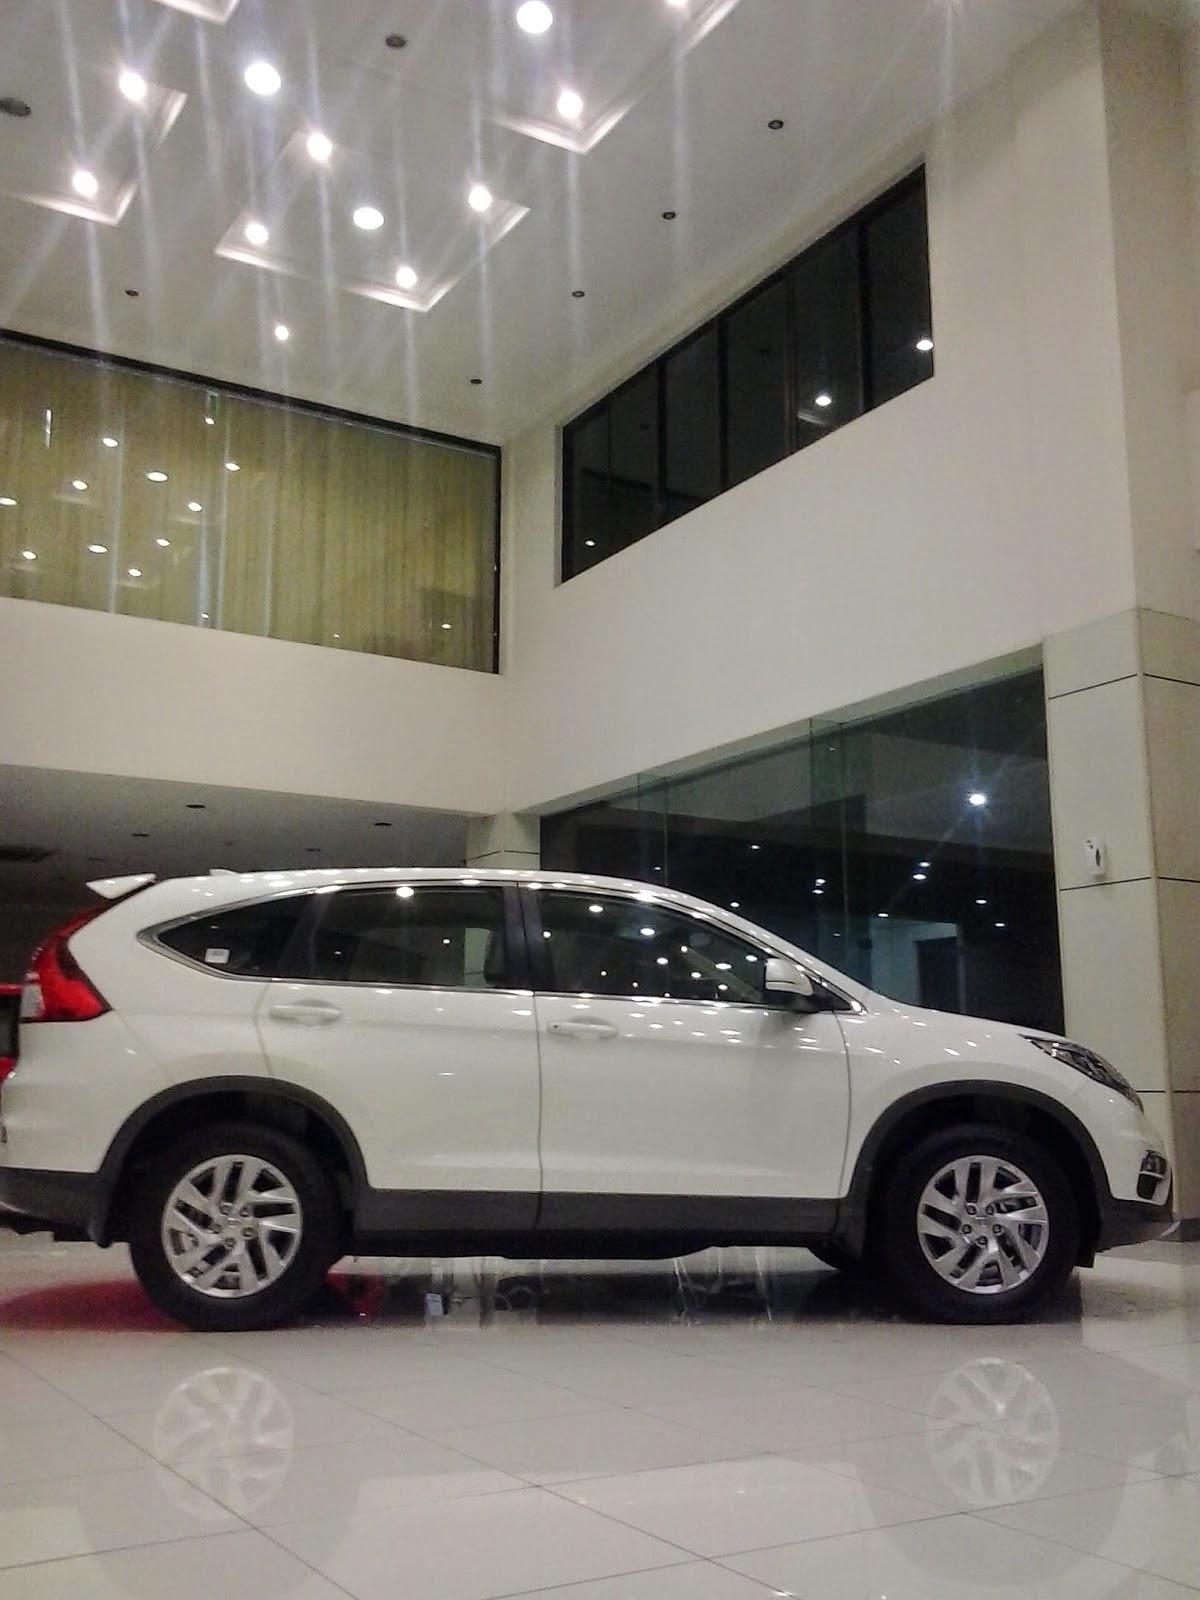 Harga Mobil Honda Terbaru Di Bekasi Barat